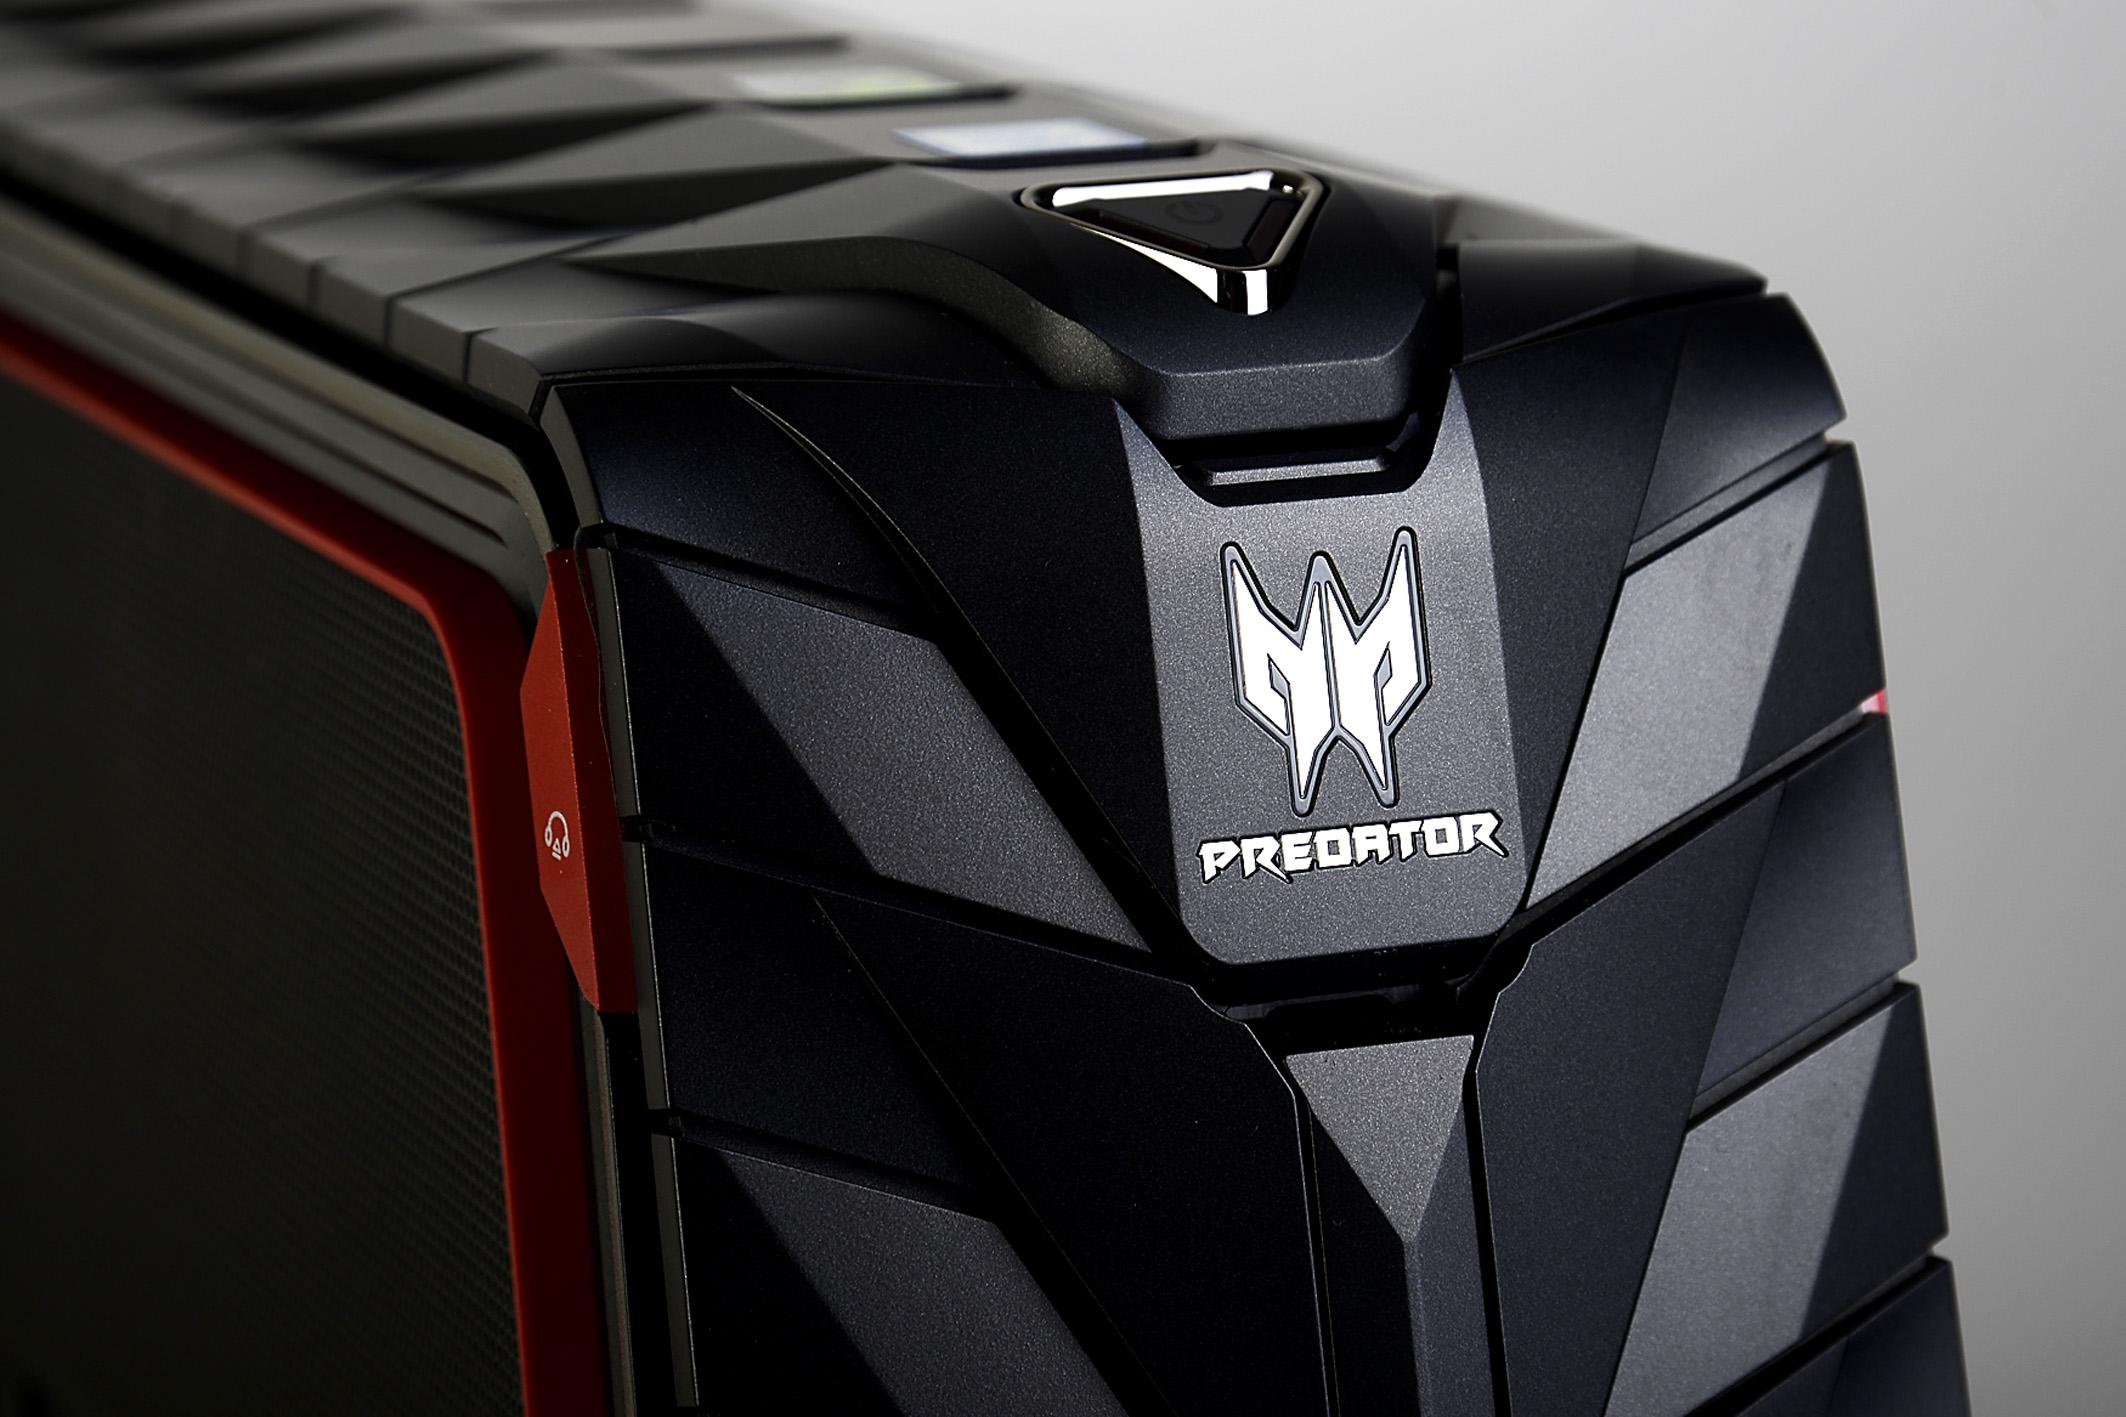 Über dem beleuchteten Predator-Logo sitzt der Ein/Ausschalter, so dass ein Knopfdruck genügt, damit der Spiele-Spaß beginnen kann. Darüber hinaus ist der Predator G1 vortrefflich verarbeitet. Foto: Michael B. Rehders